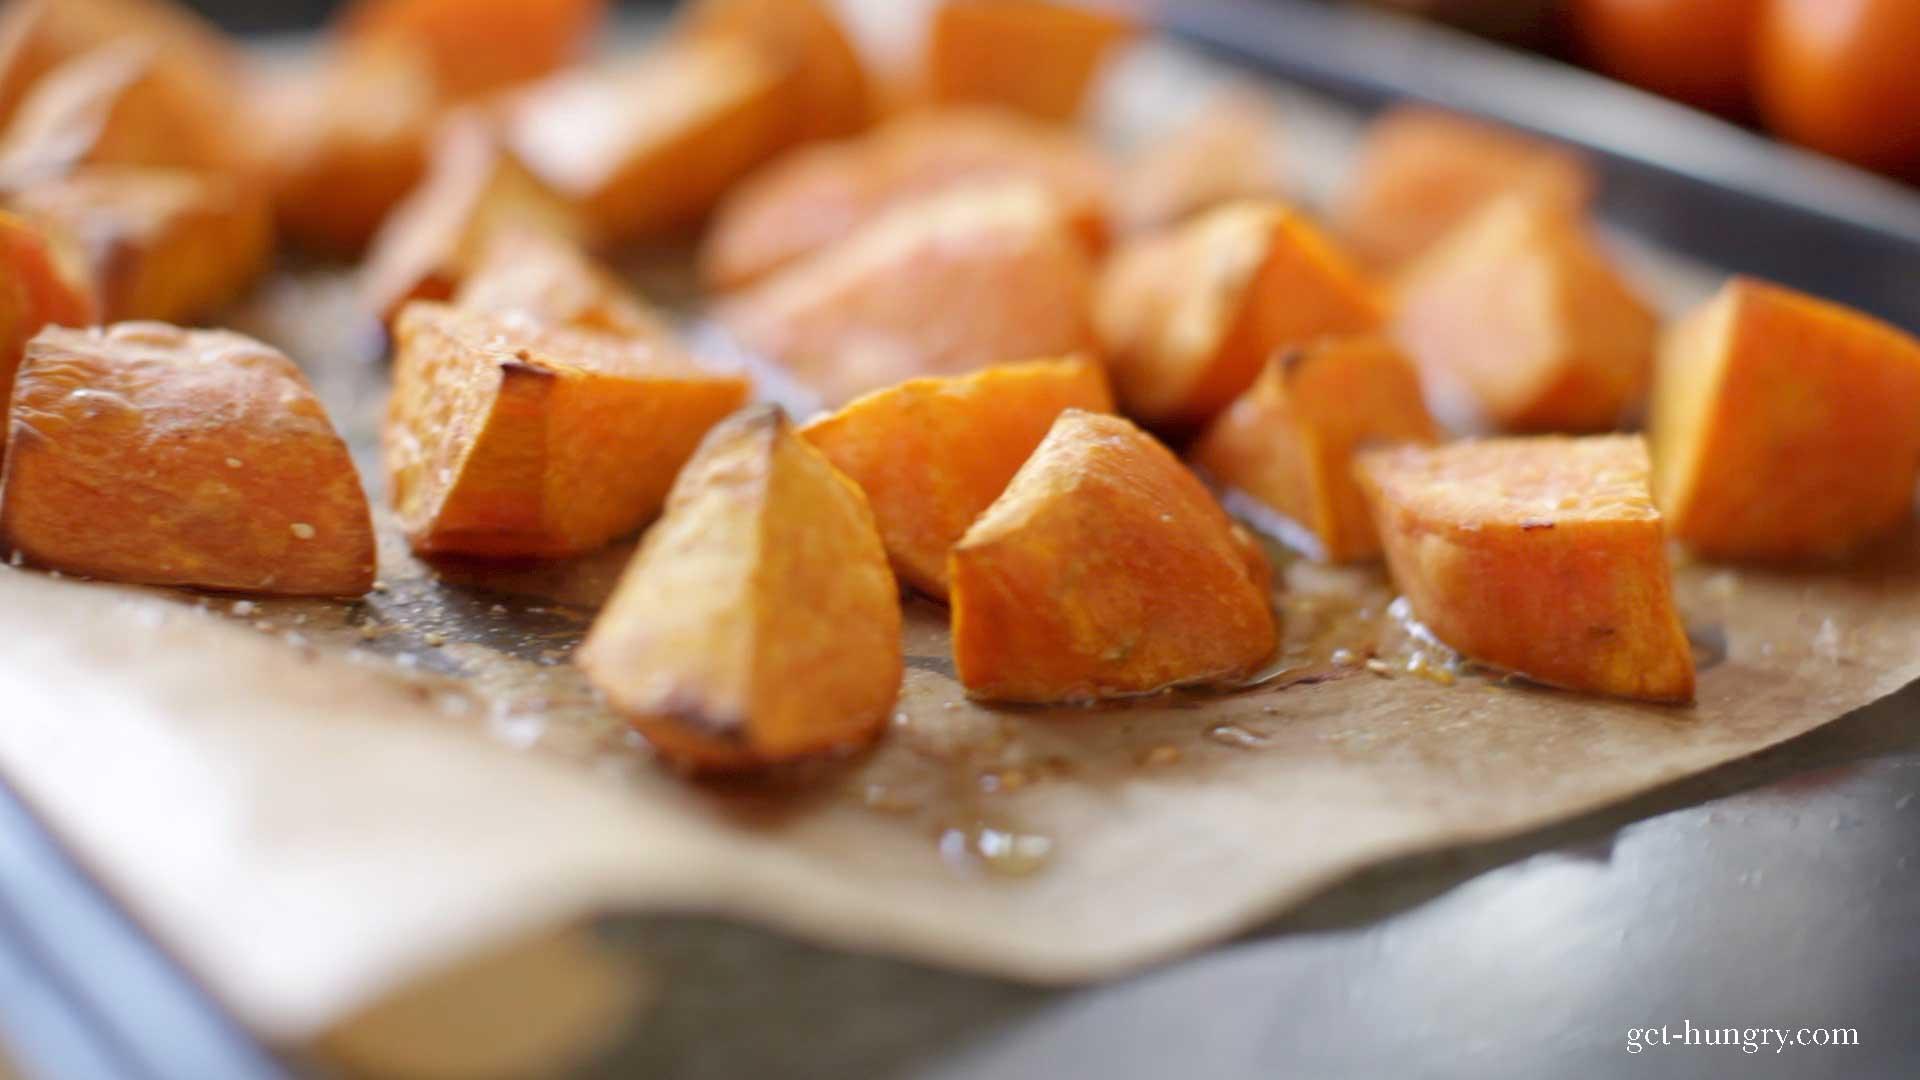 Süsskartoffeln_schmoren_gethungry